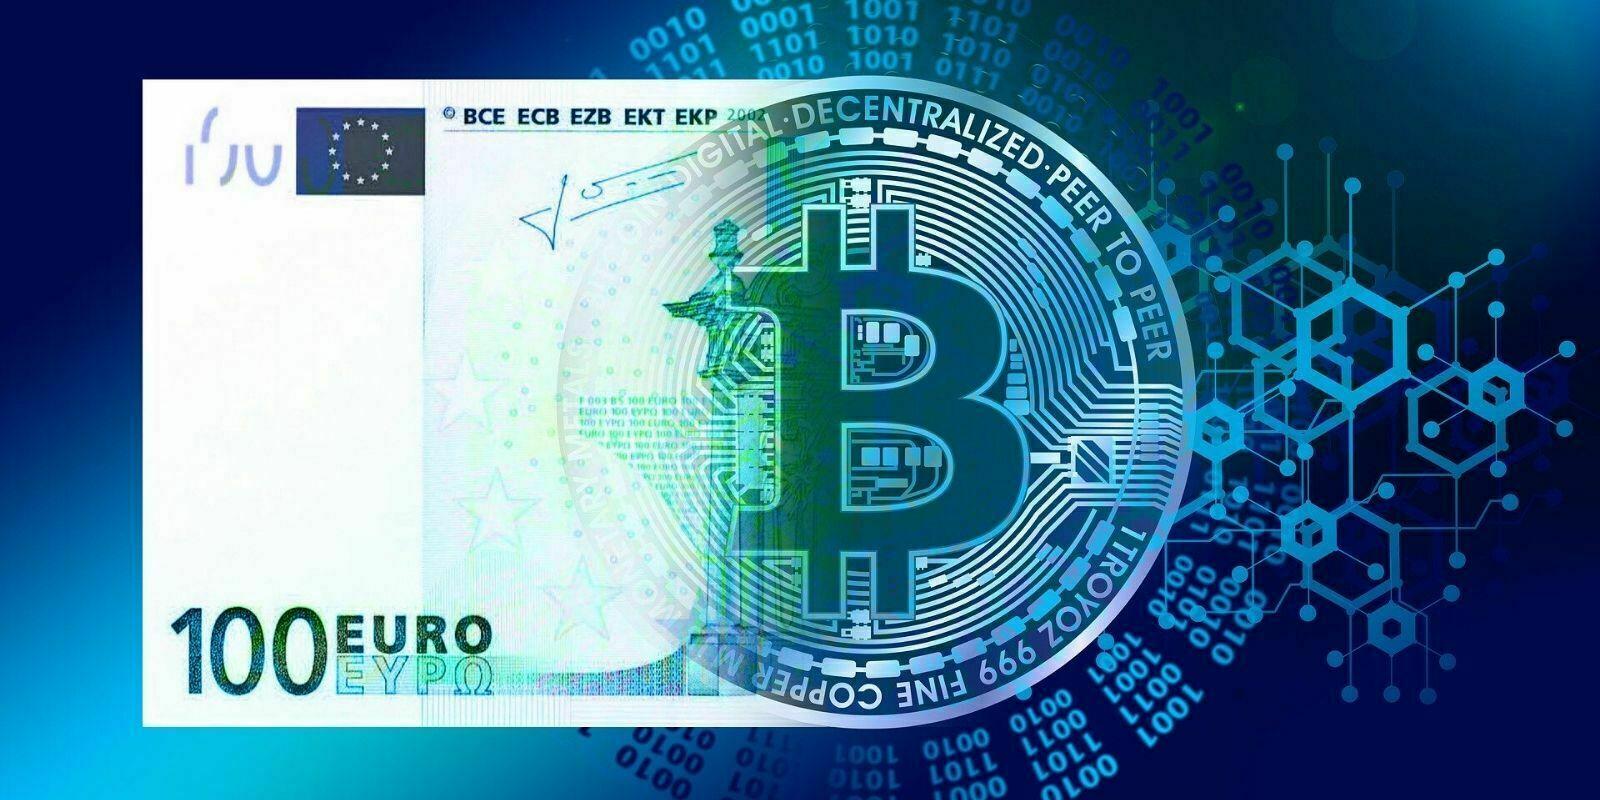 Si Bitcoin était une monnaie, risquerions-nous l'inflation voire la déflation ?